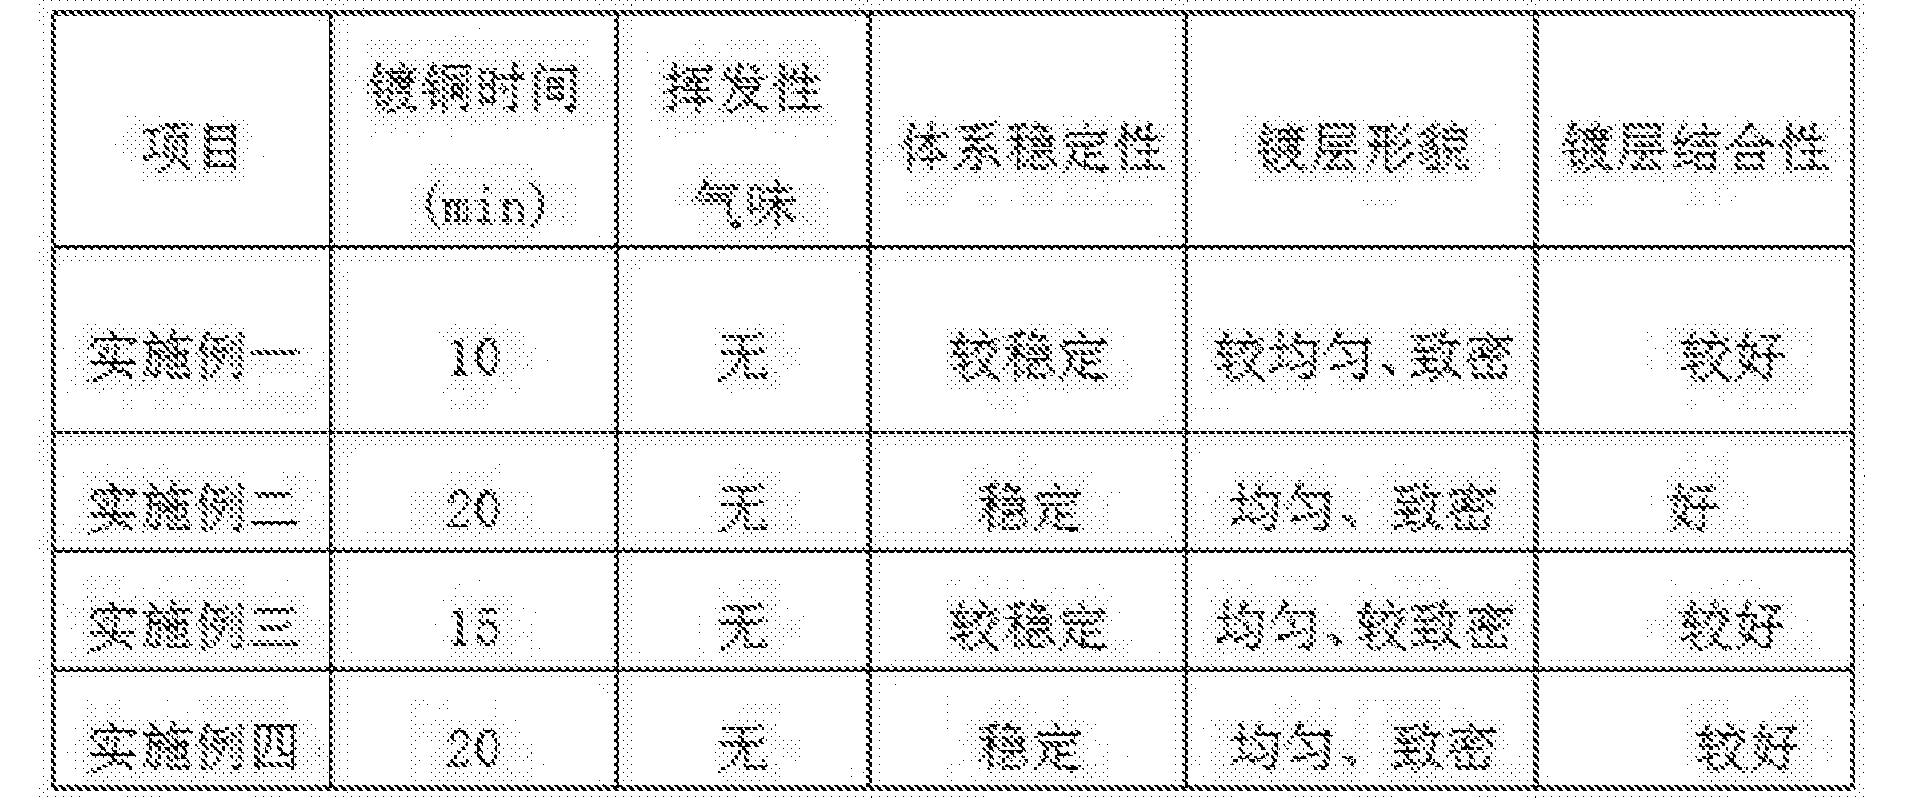 Figure CN105063582BD00051